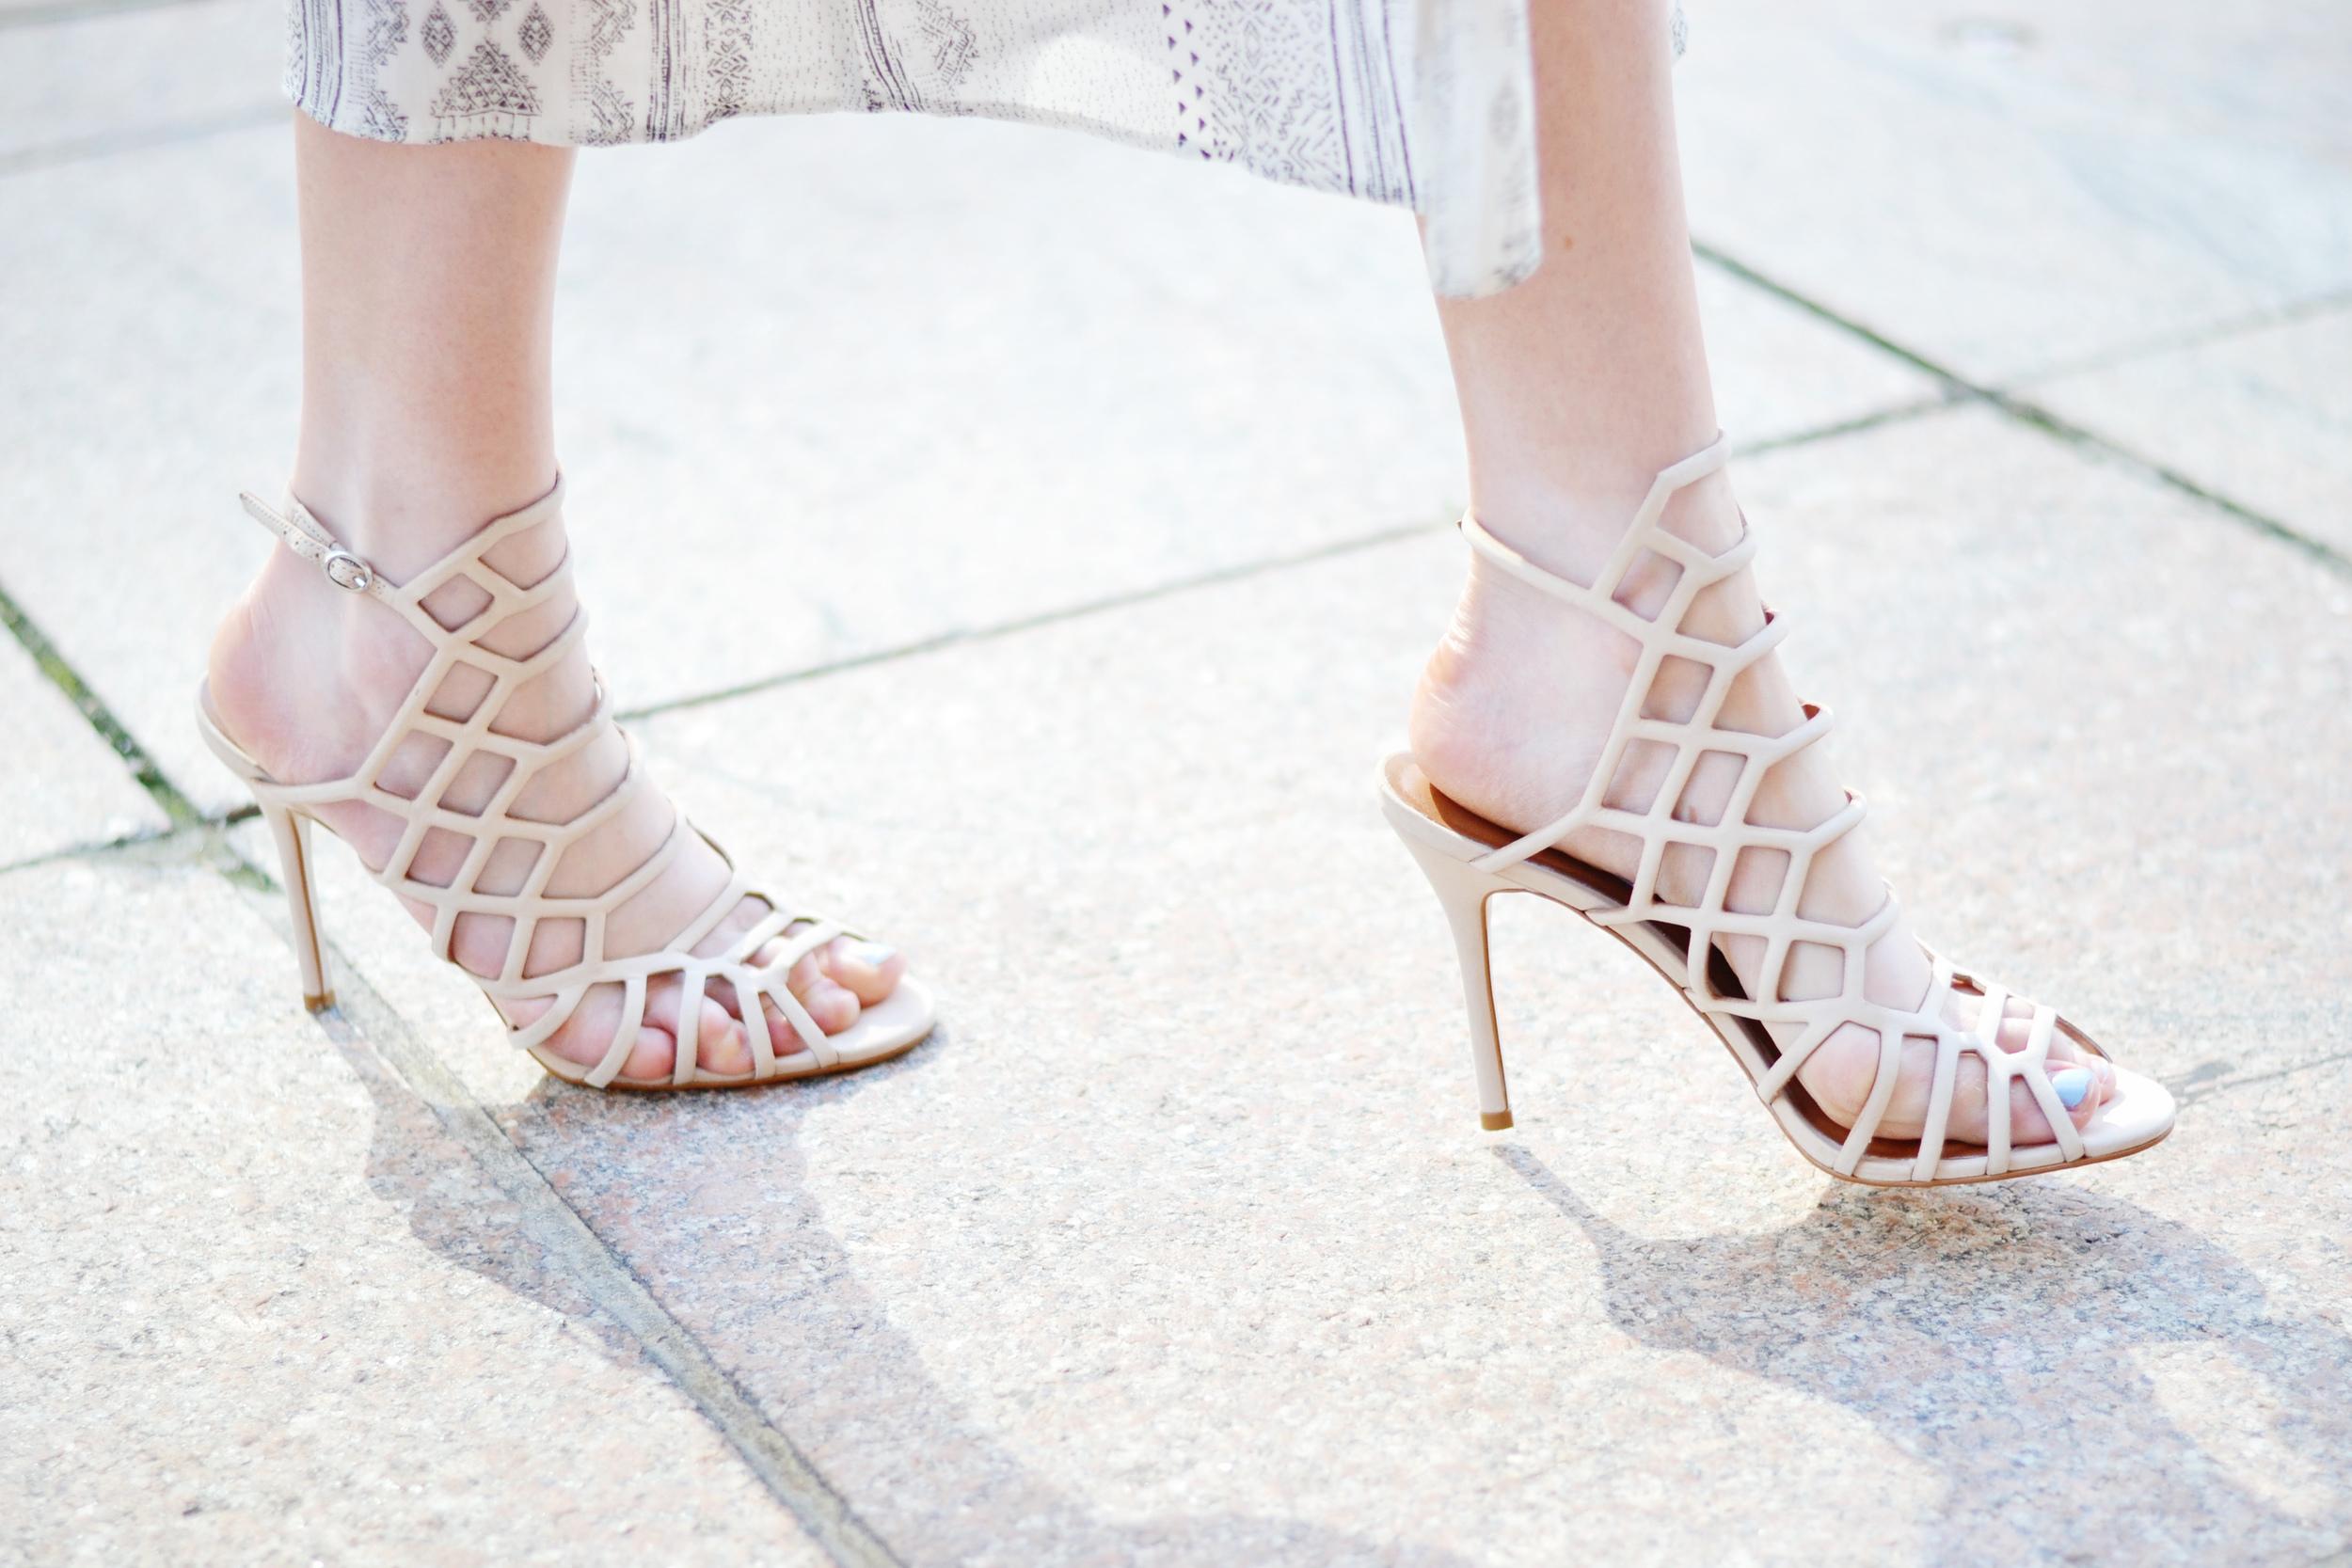 Steve Madden SLITHUR Heels (via Chic Now)